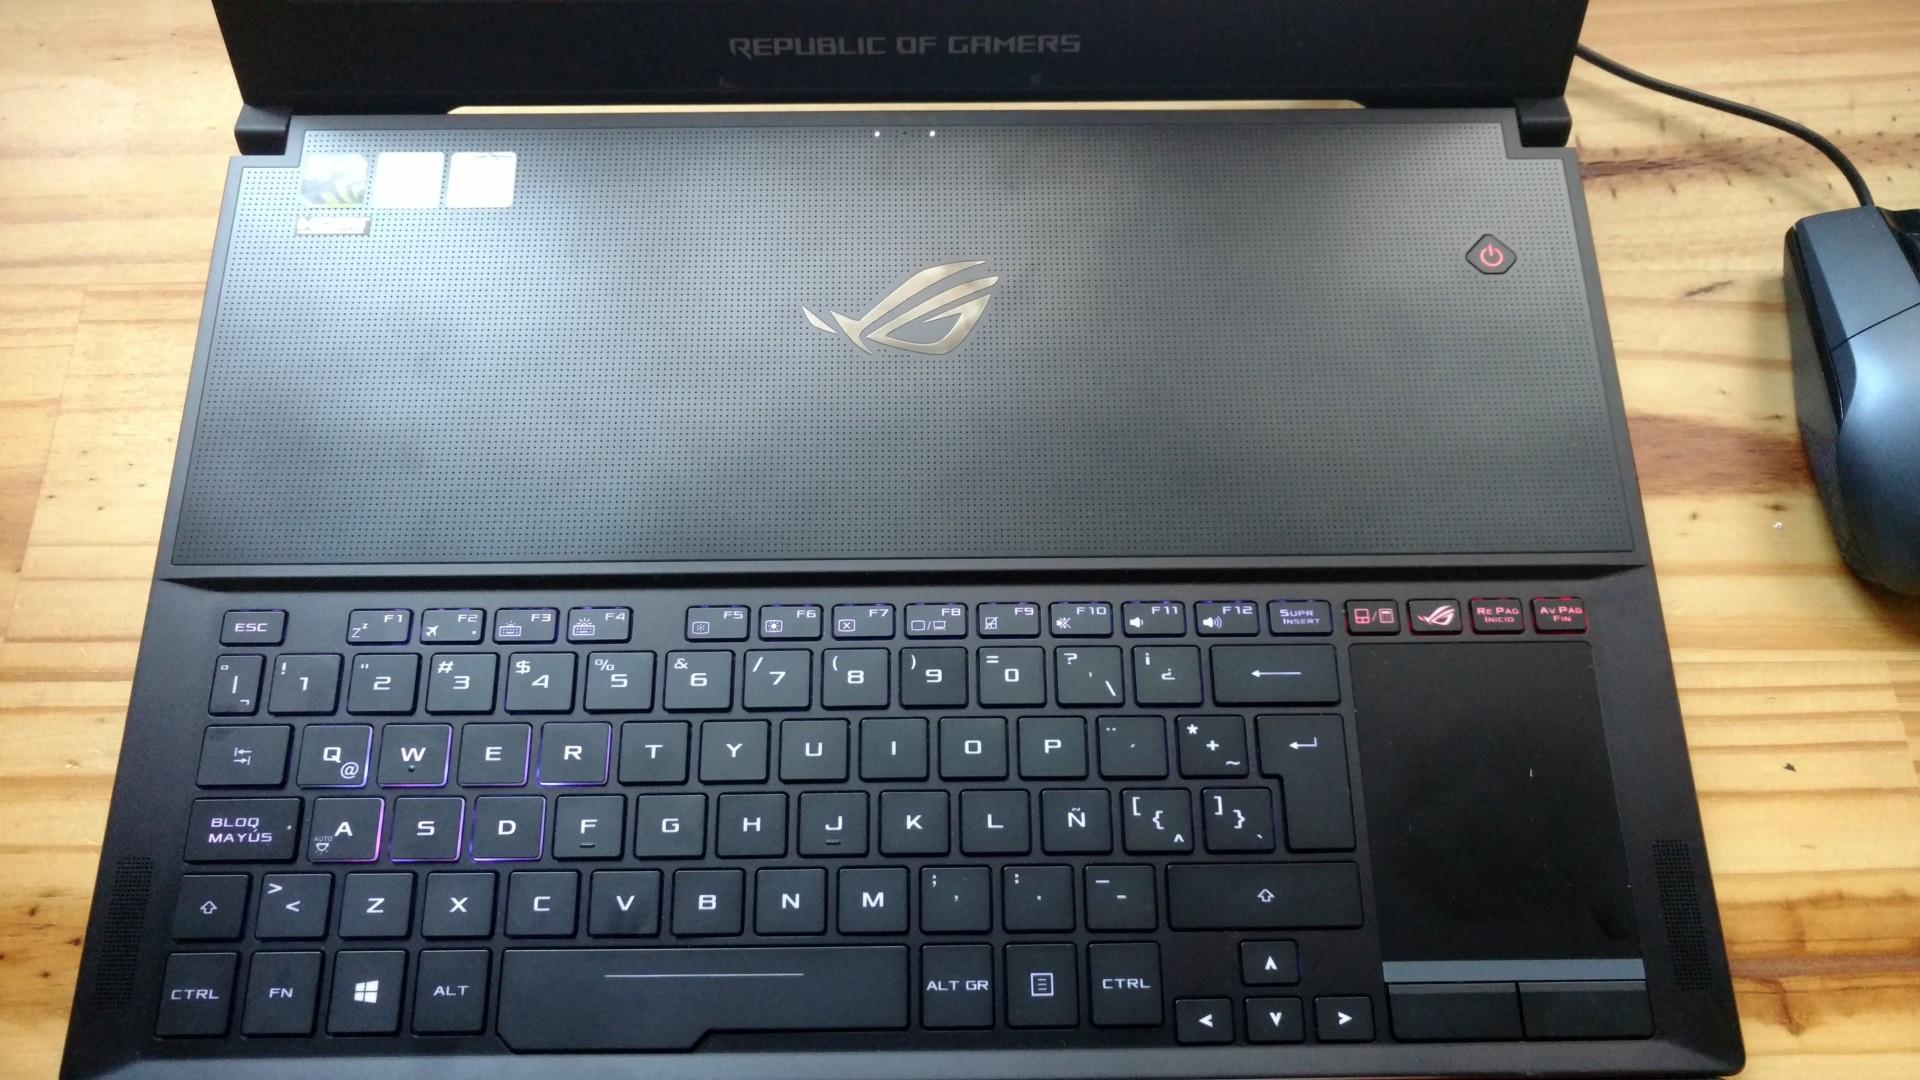 El teclado, en la parte inferior